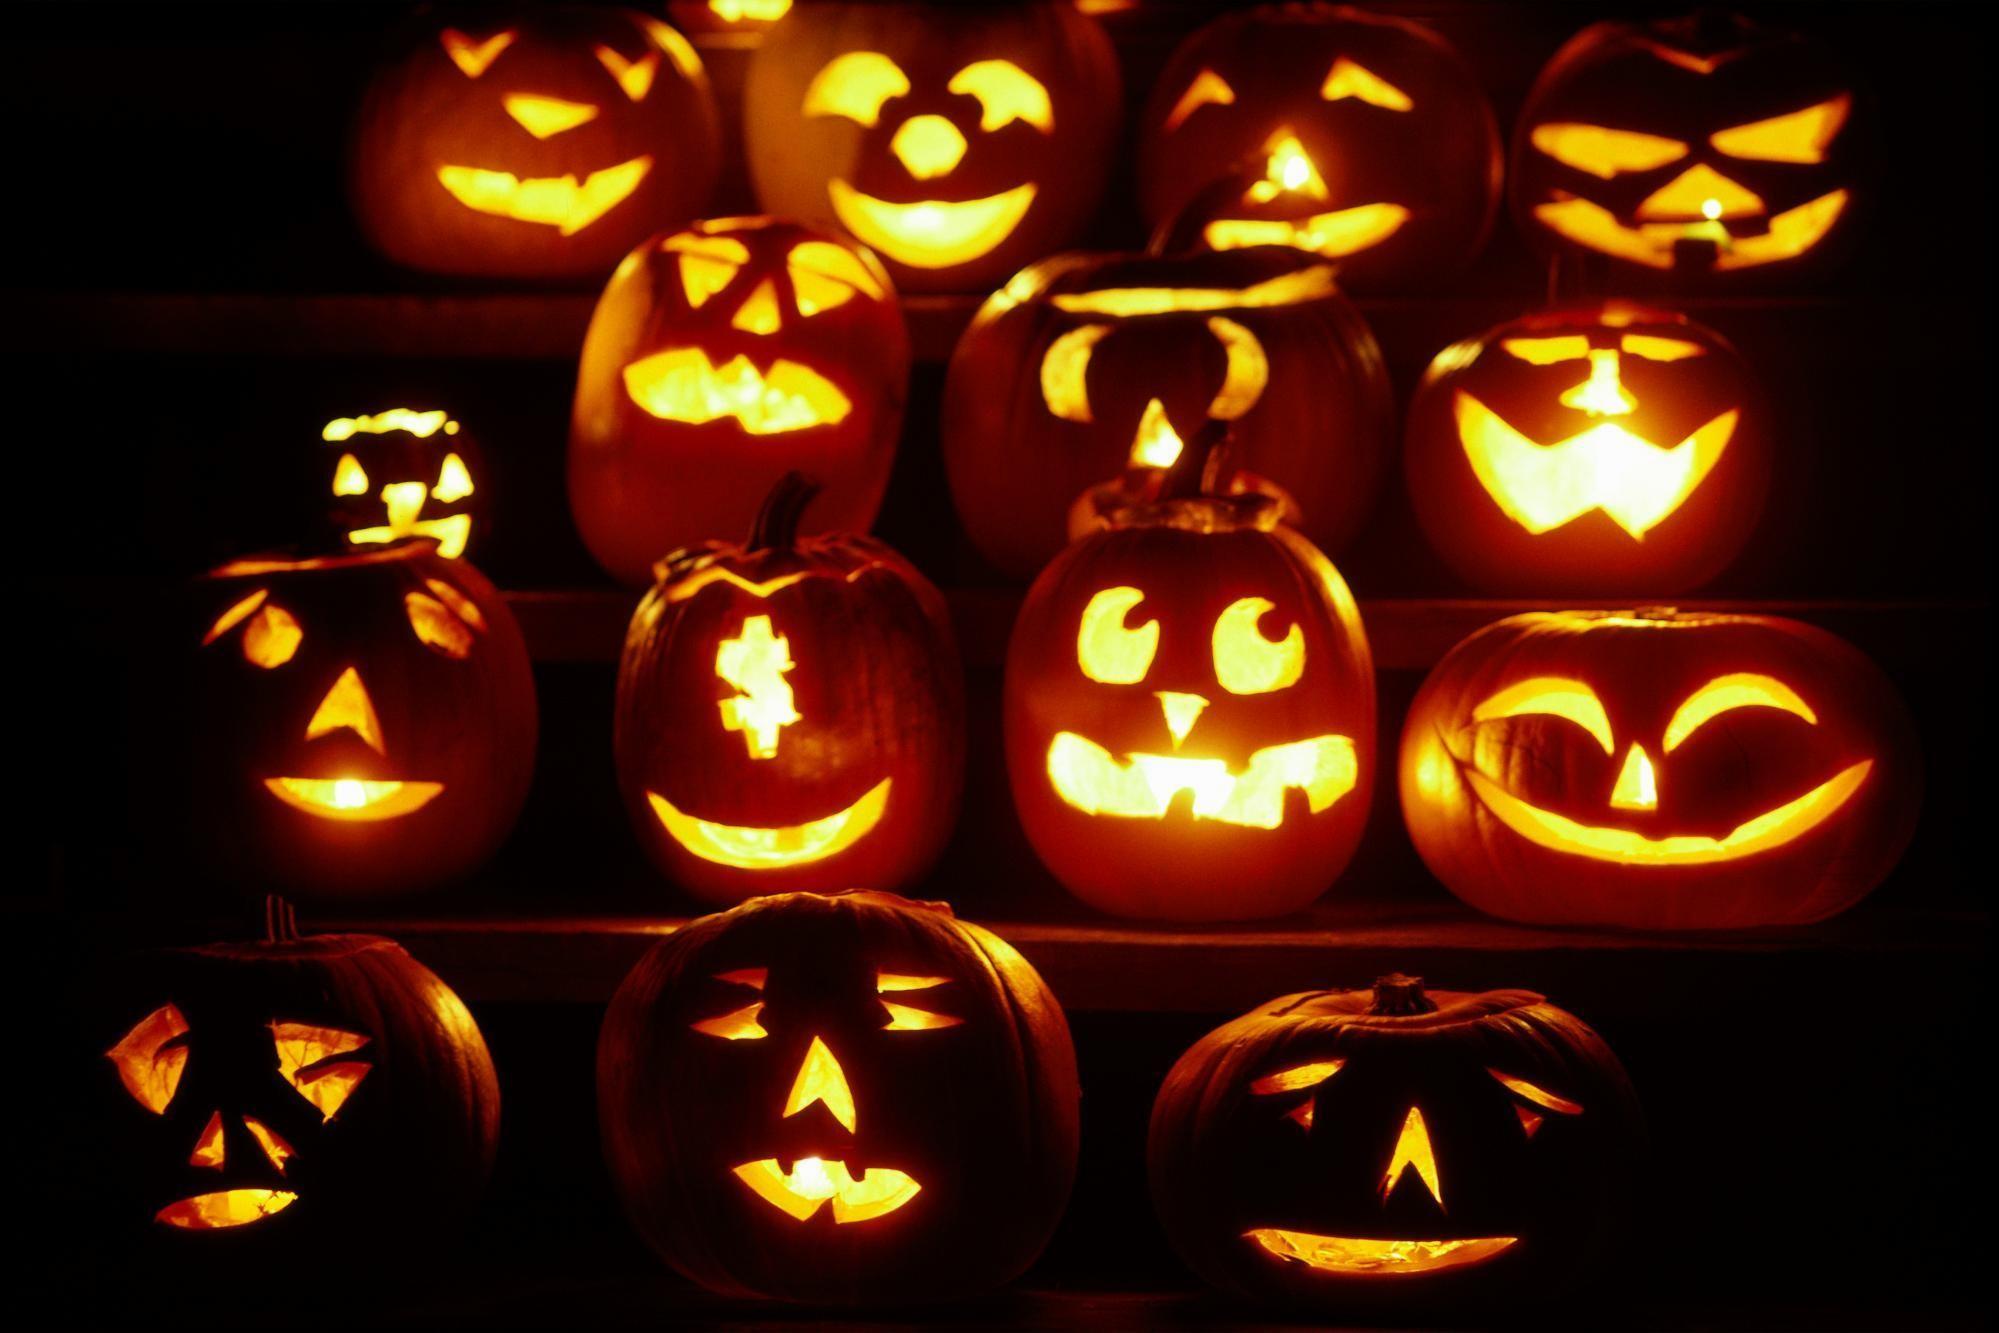 Pumpkins-Halloween-Wallpaper